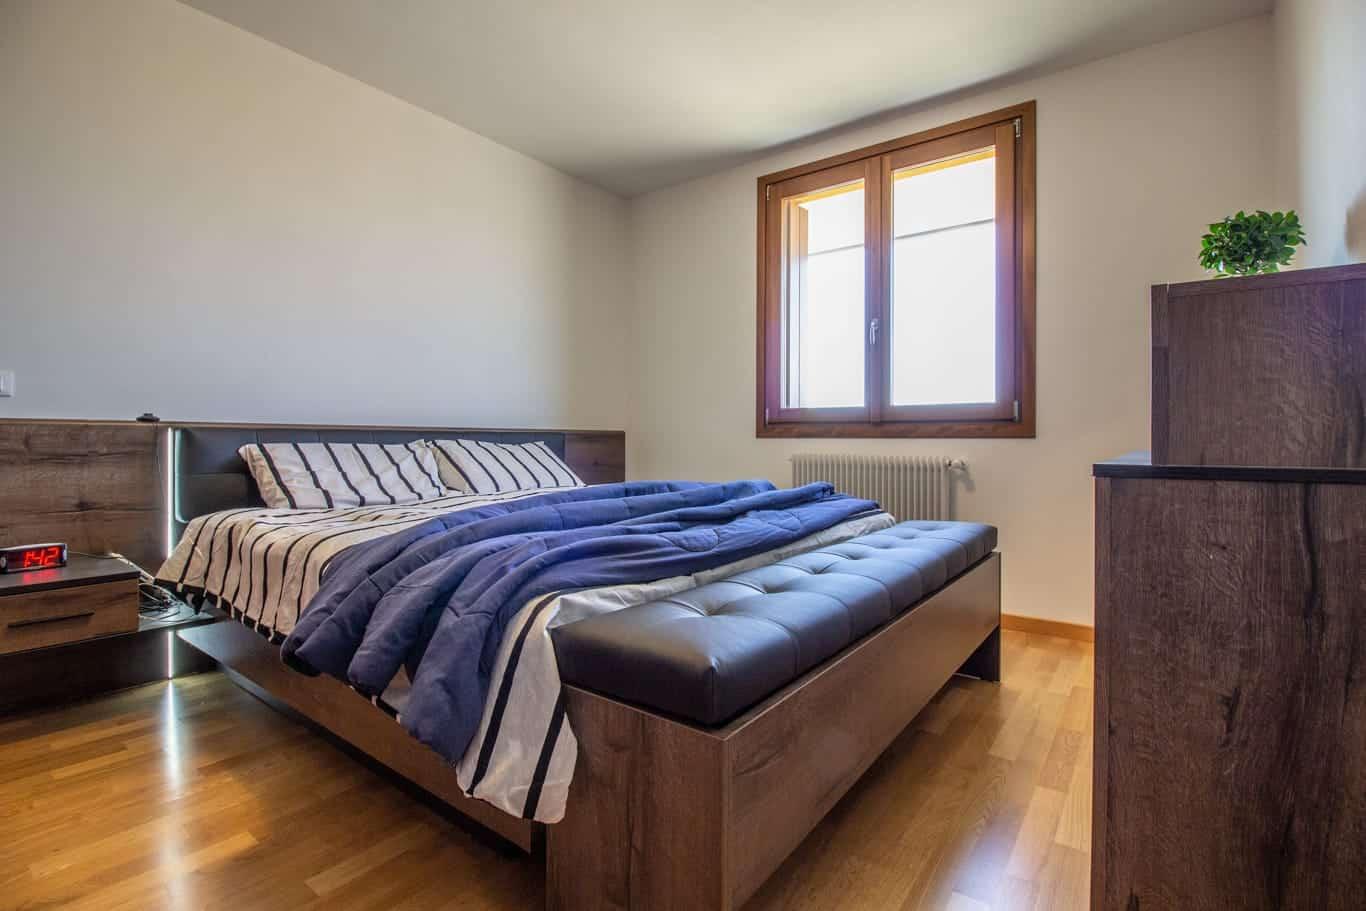 homelead-immobiliare-appartamento-vallenoncello-piazza-valle (2 of 8)